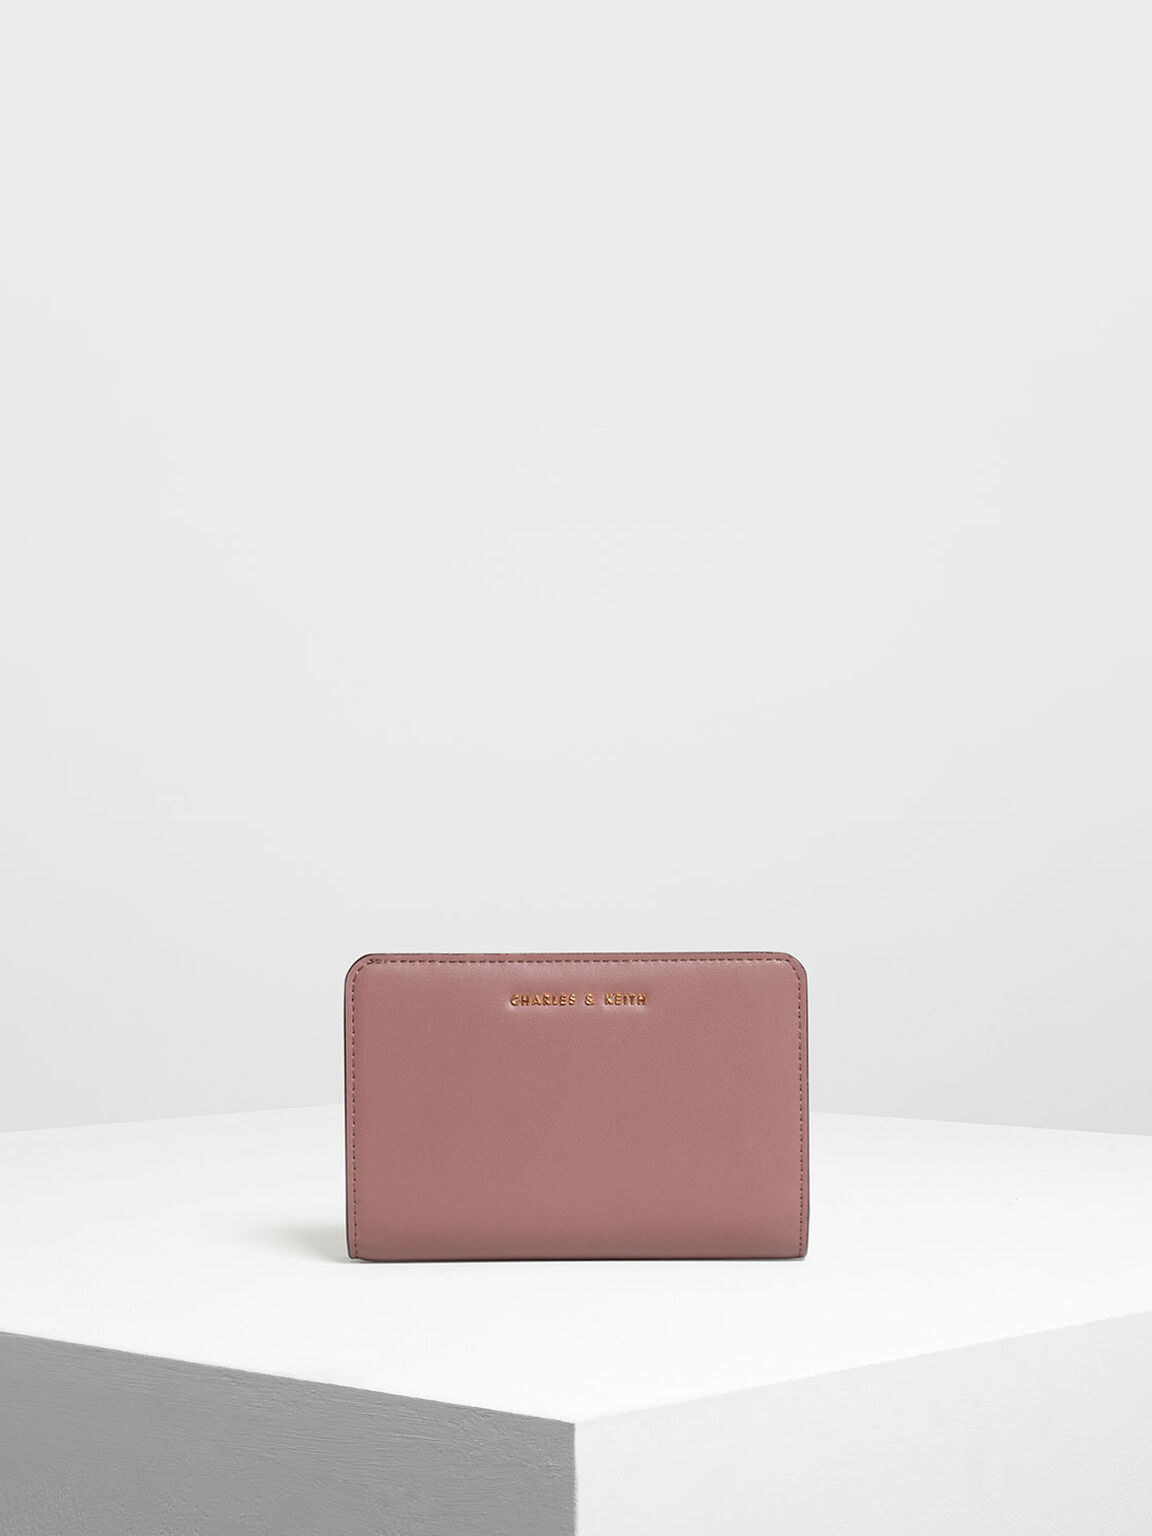 經典拉鍊式皮夾, 紫灰色, hi-res